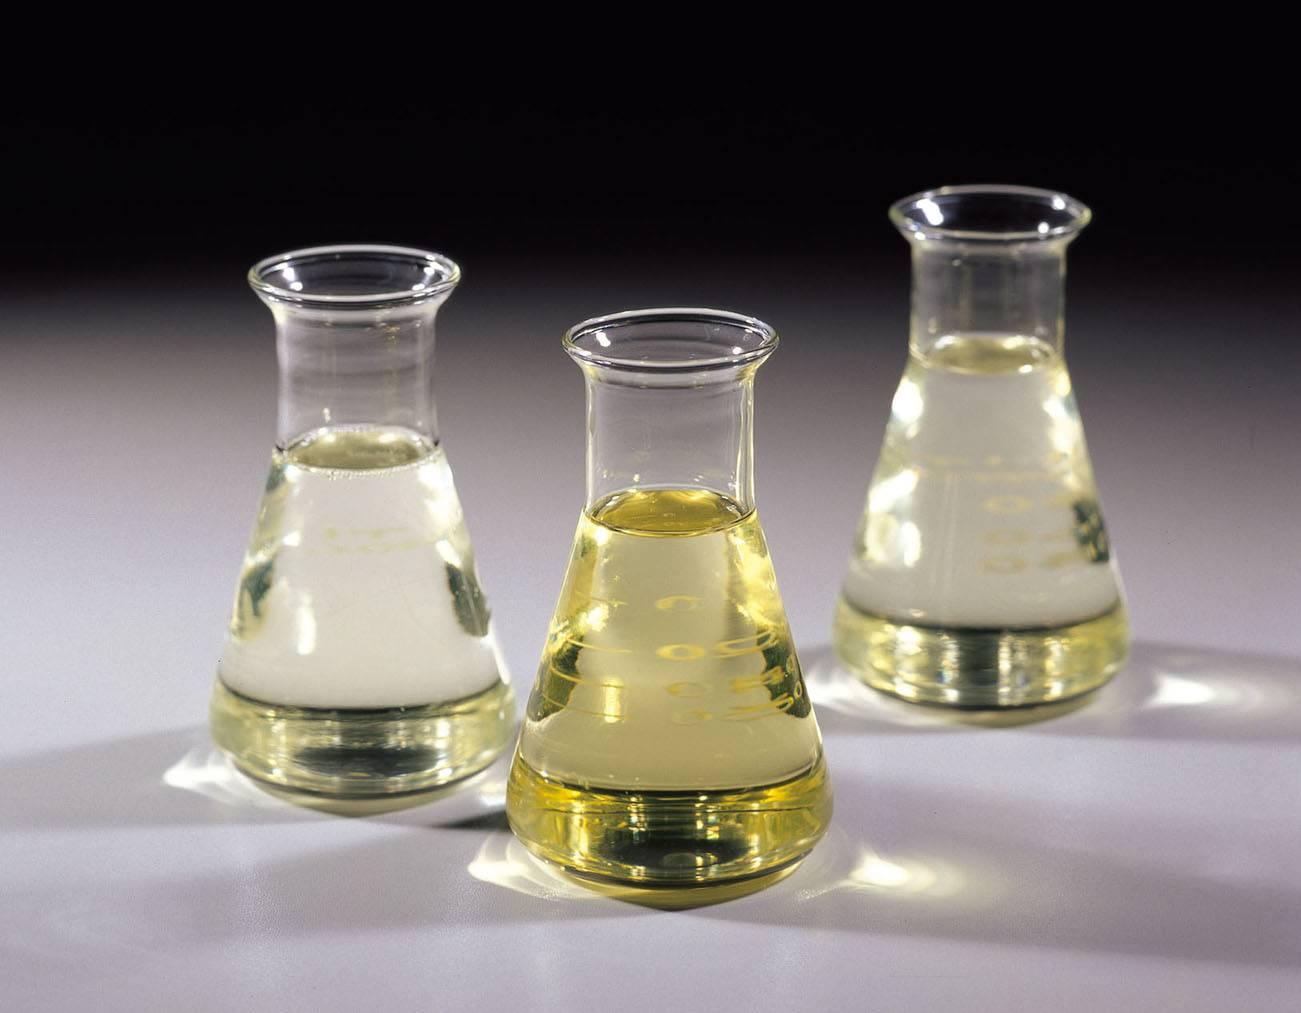 Polyoxyethylene (20) sorbitan monolaurate